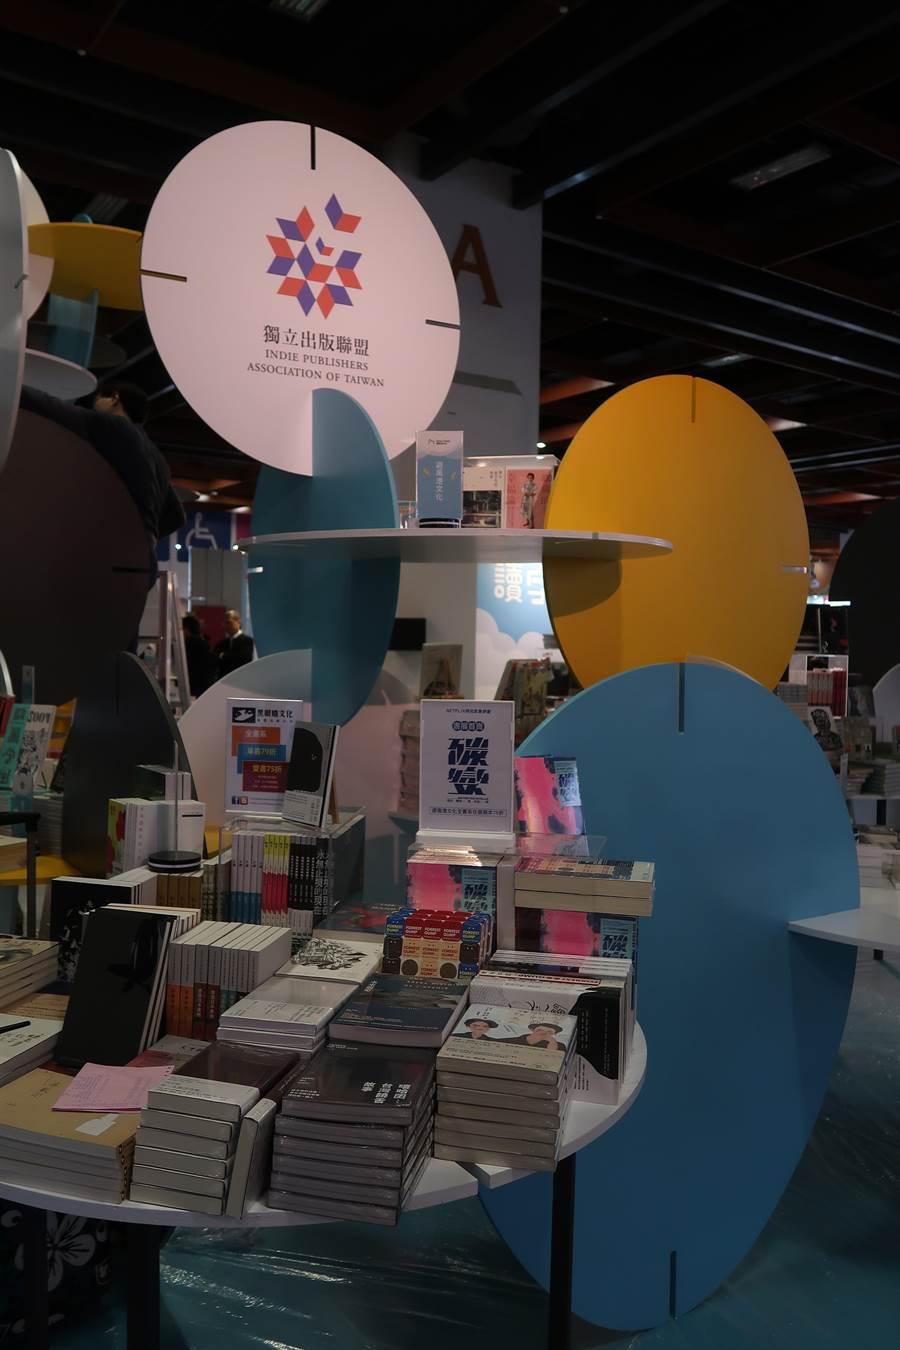 獨立出版聯盟、獨立書店文化協會等以「讀字上雲端」為主題。(許文貞攝)